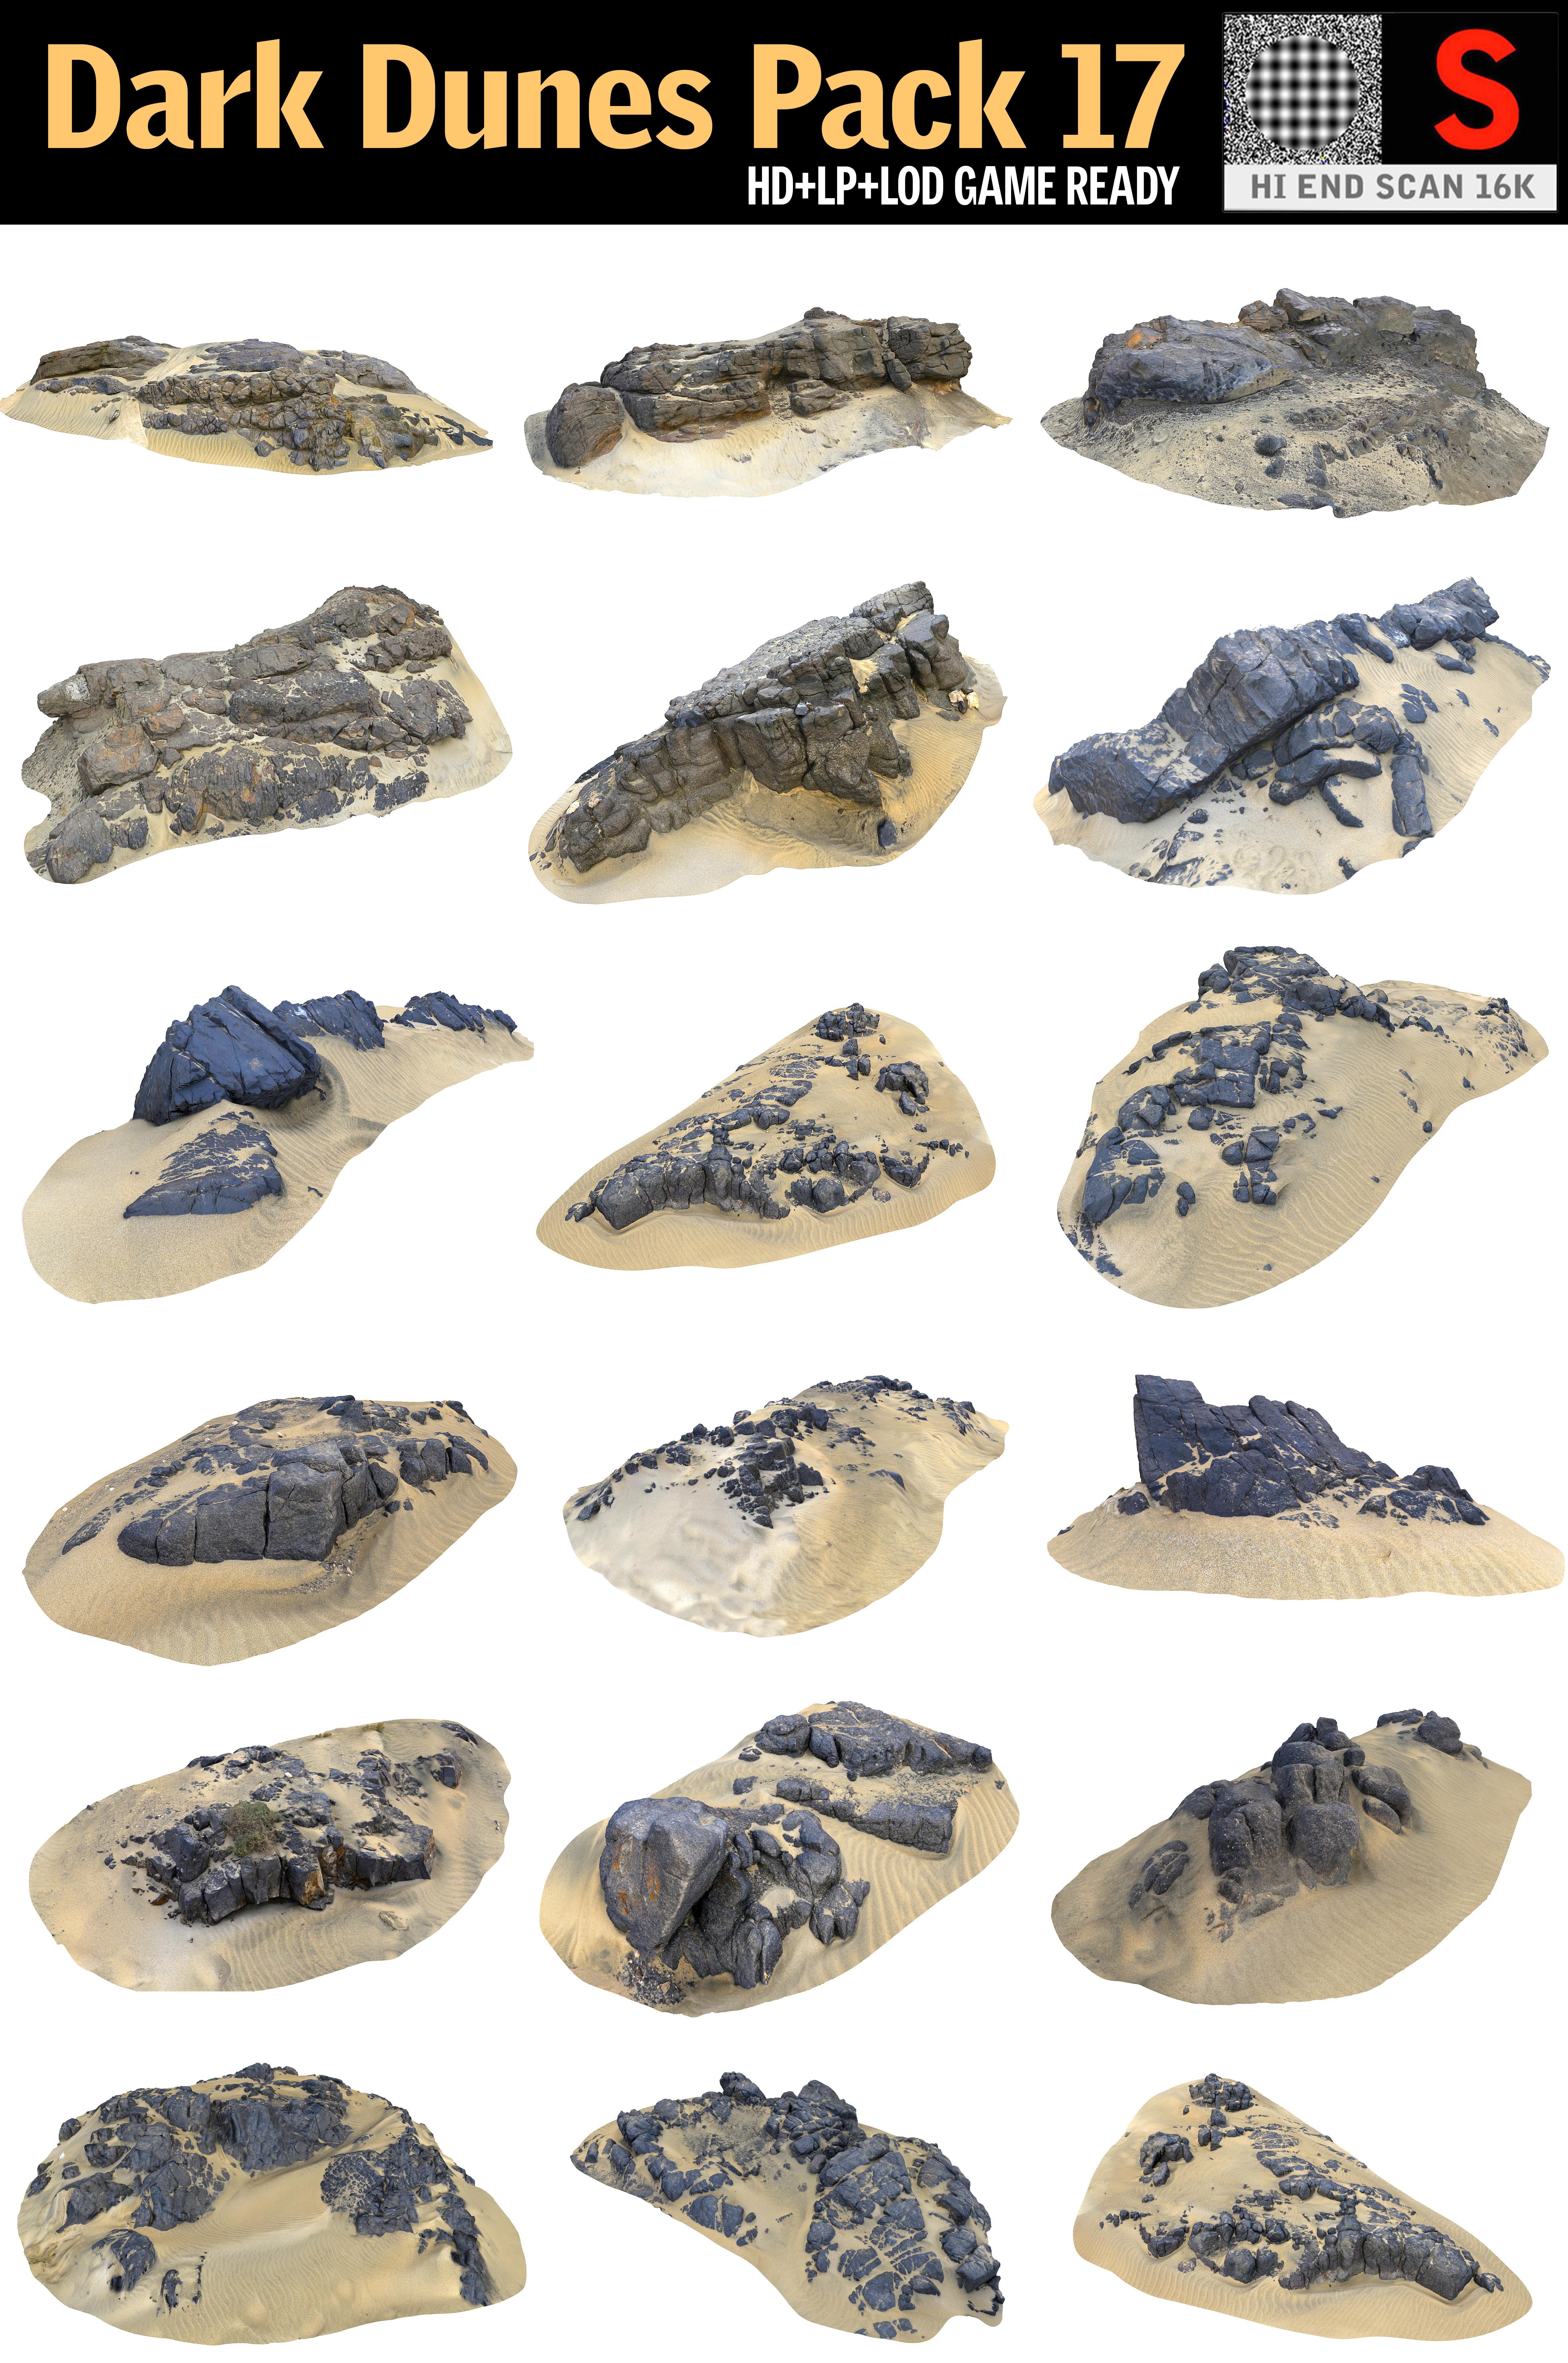 dark dunes pack 17 3D model